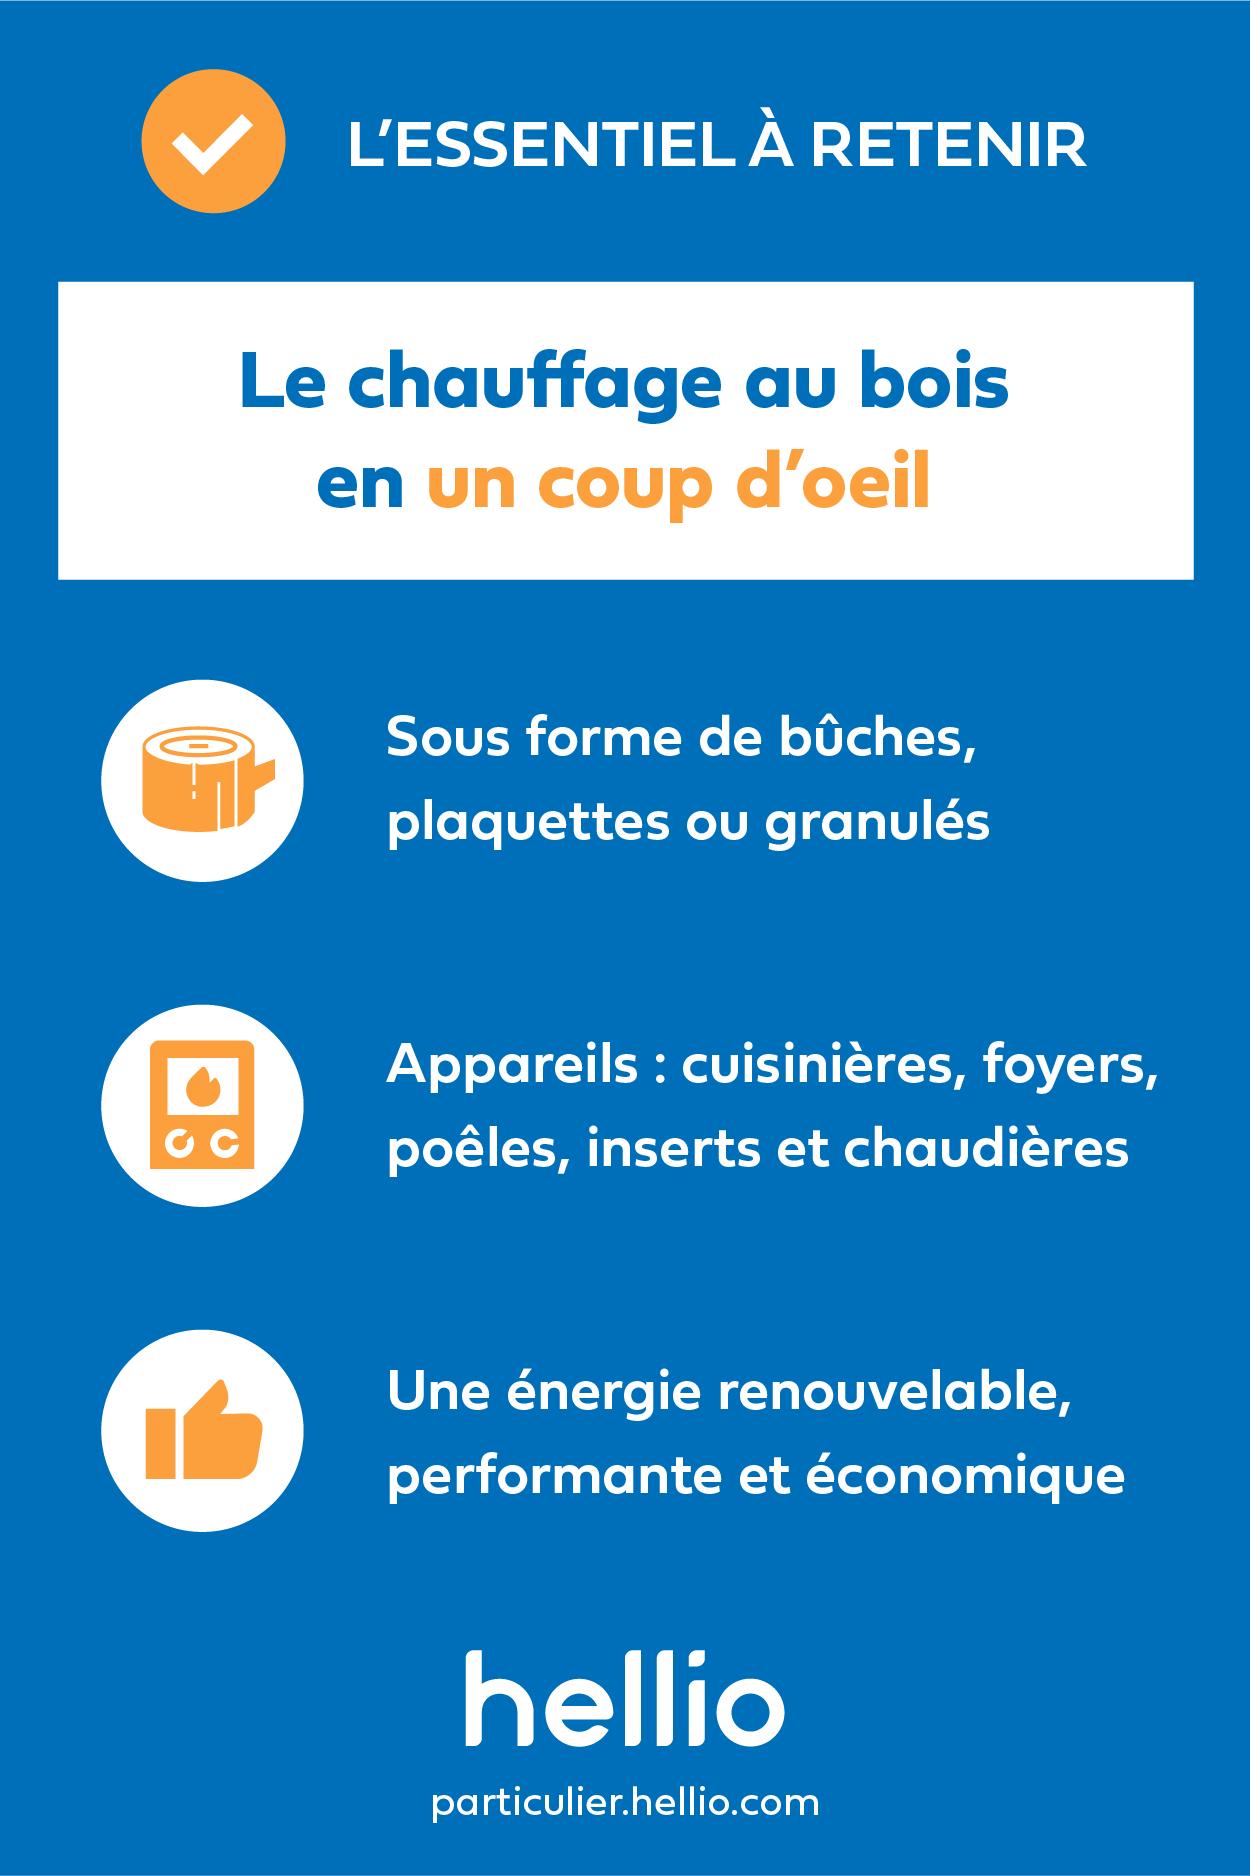 infographie-essentiel-retenir-hellio-chauffage-bois